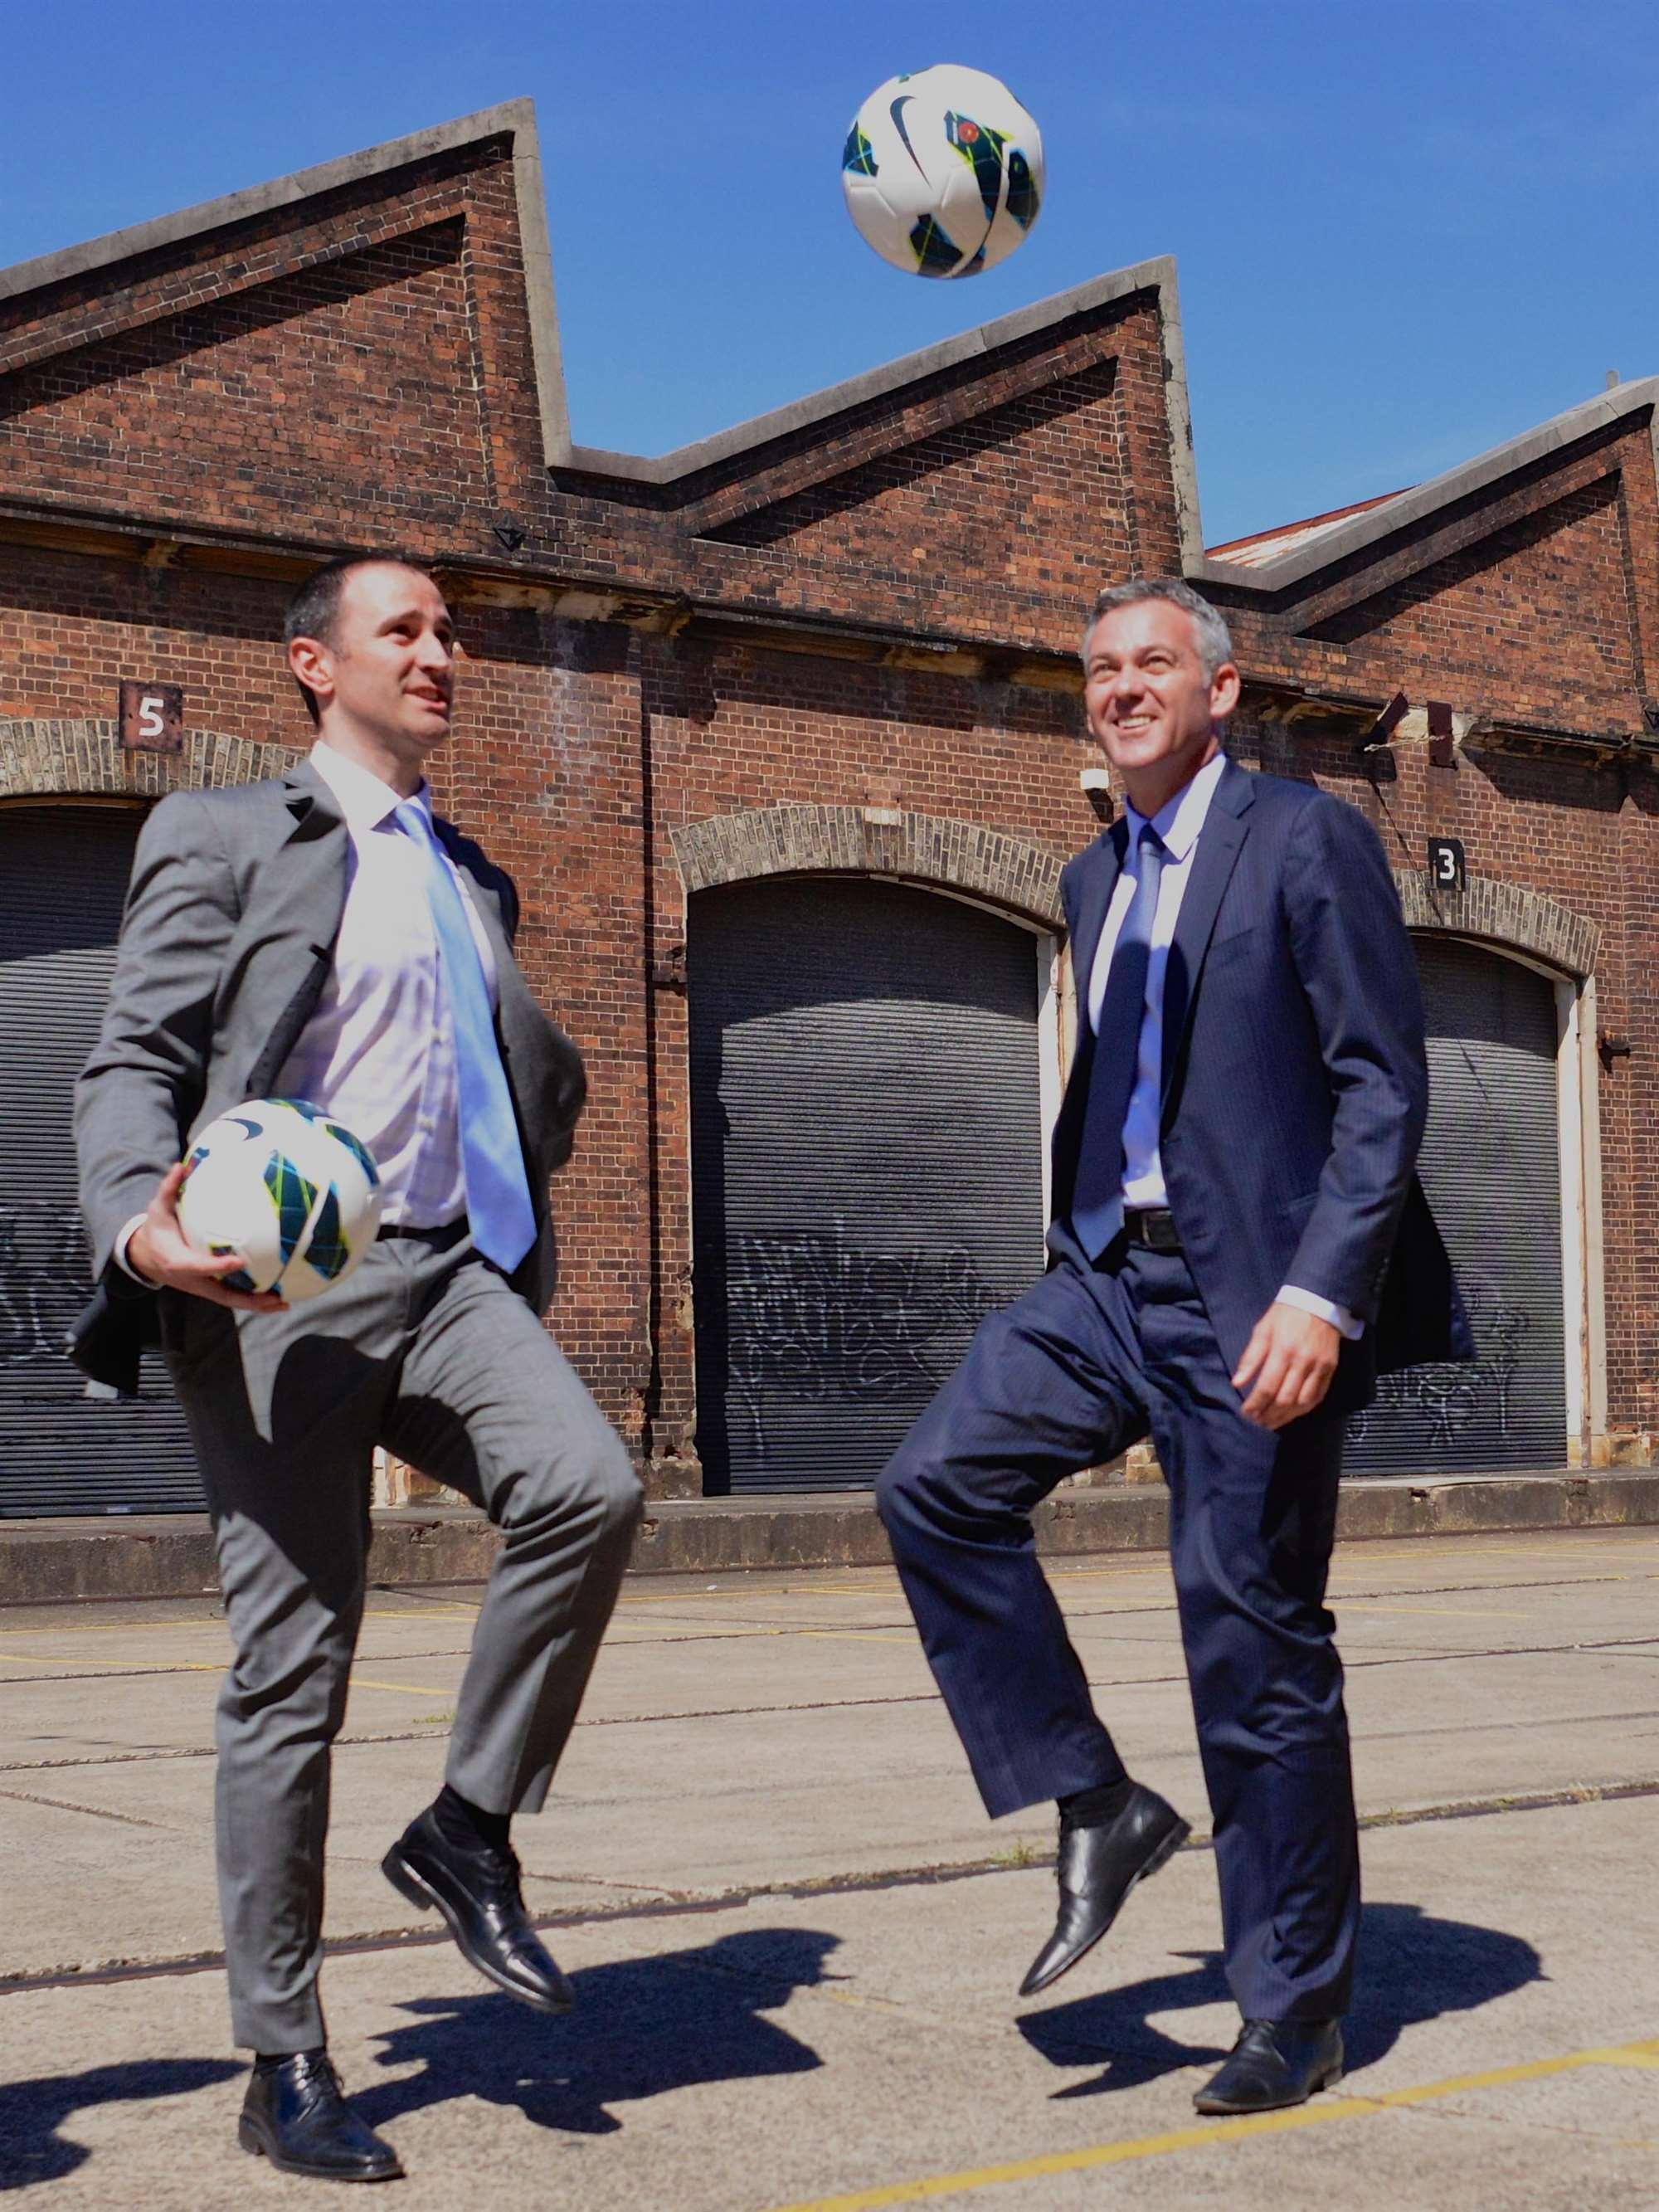 modelli alla moda disponibilità nel Regno Unito nuovo elenco New Nike And FFA Deal - FTBL | The home of football in Australia